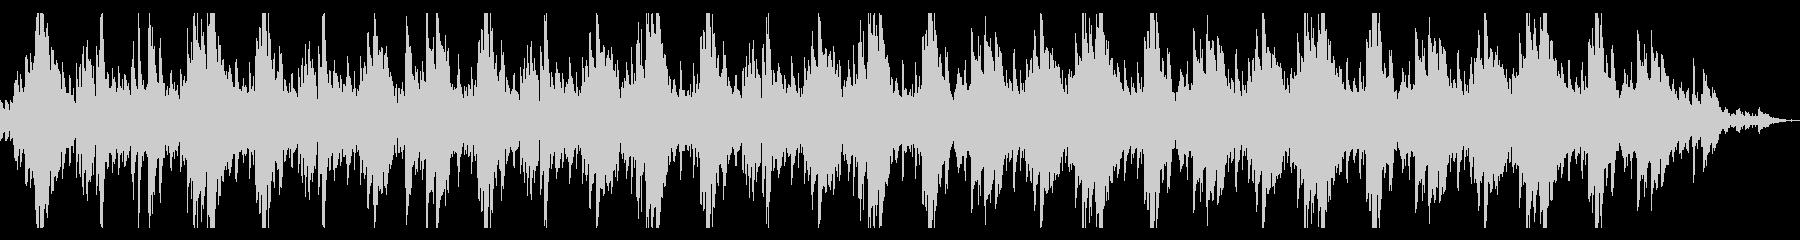 温かみのあるシネマティックなピアノの未再生の波形